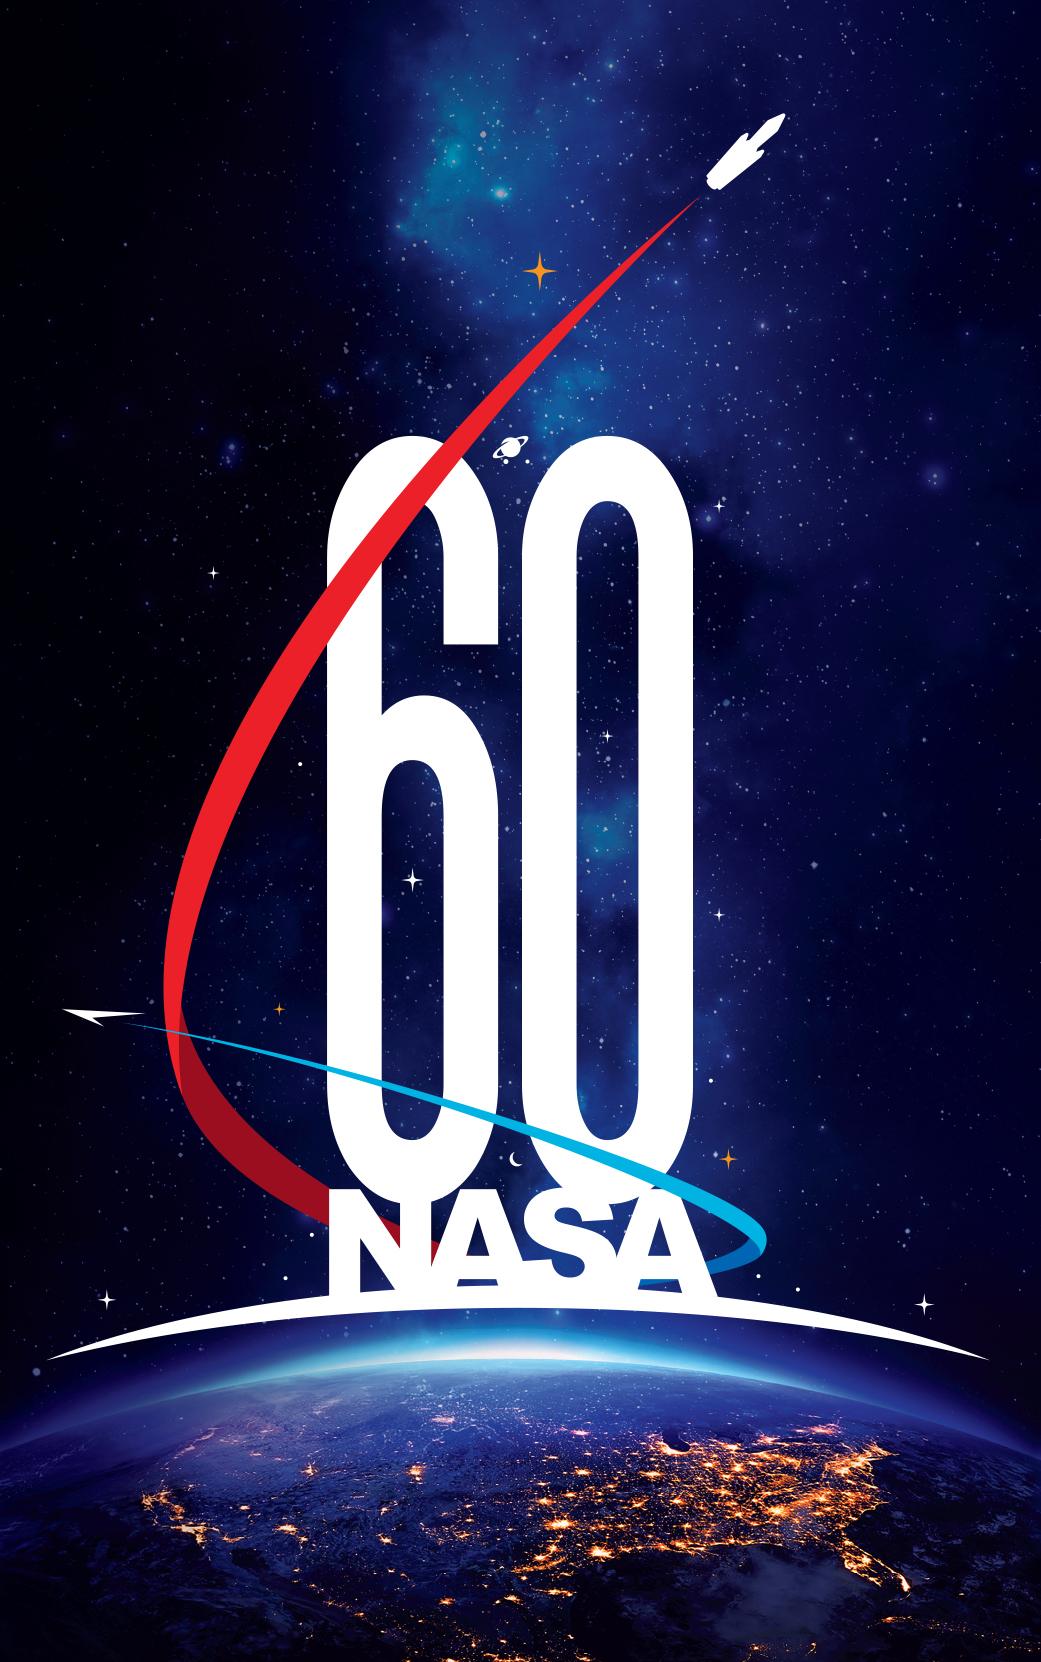 nasa_60th_logo